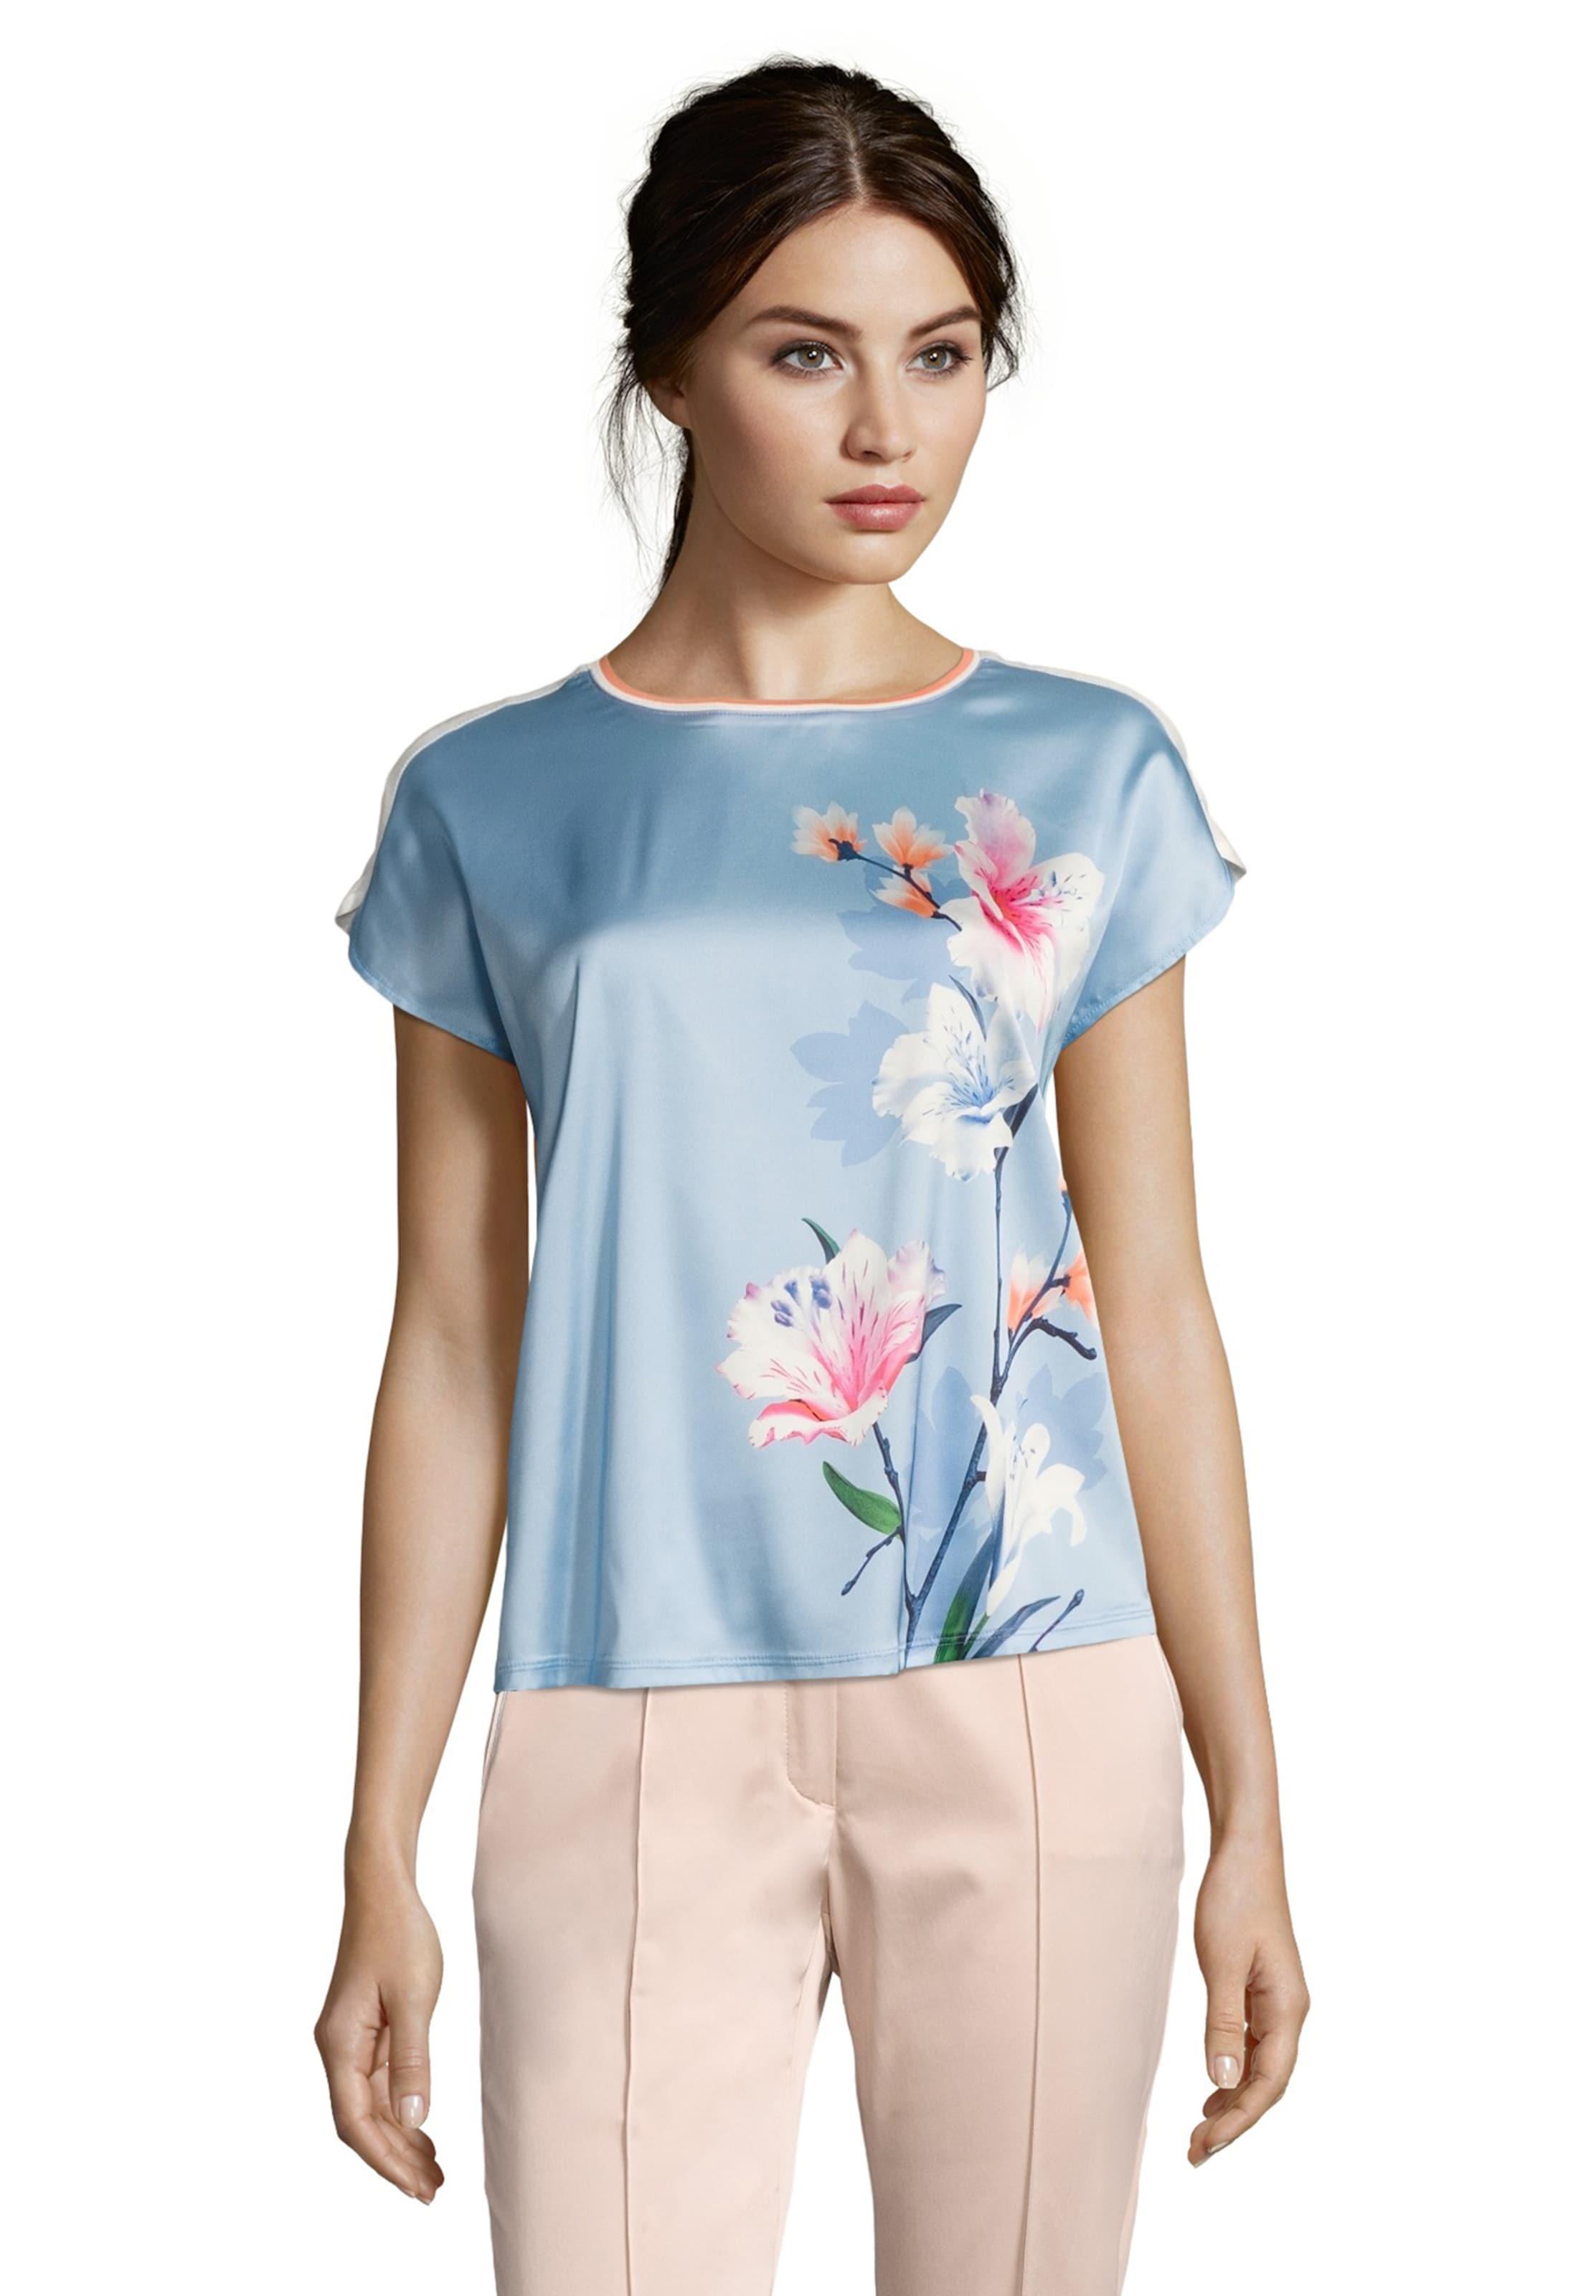 Bettyamp; Shirt Weiß HellblauMischfarben In Co hsQrBtxdC